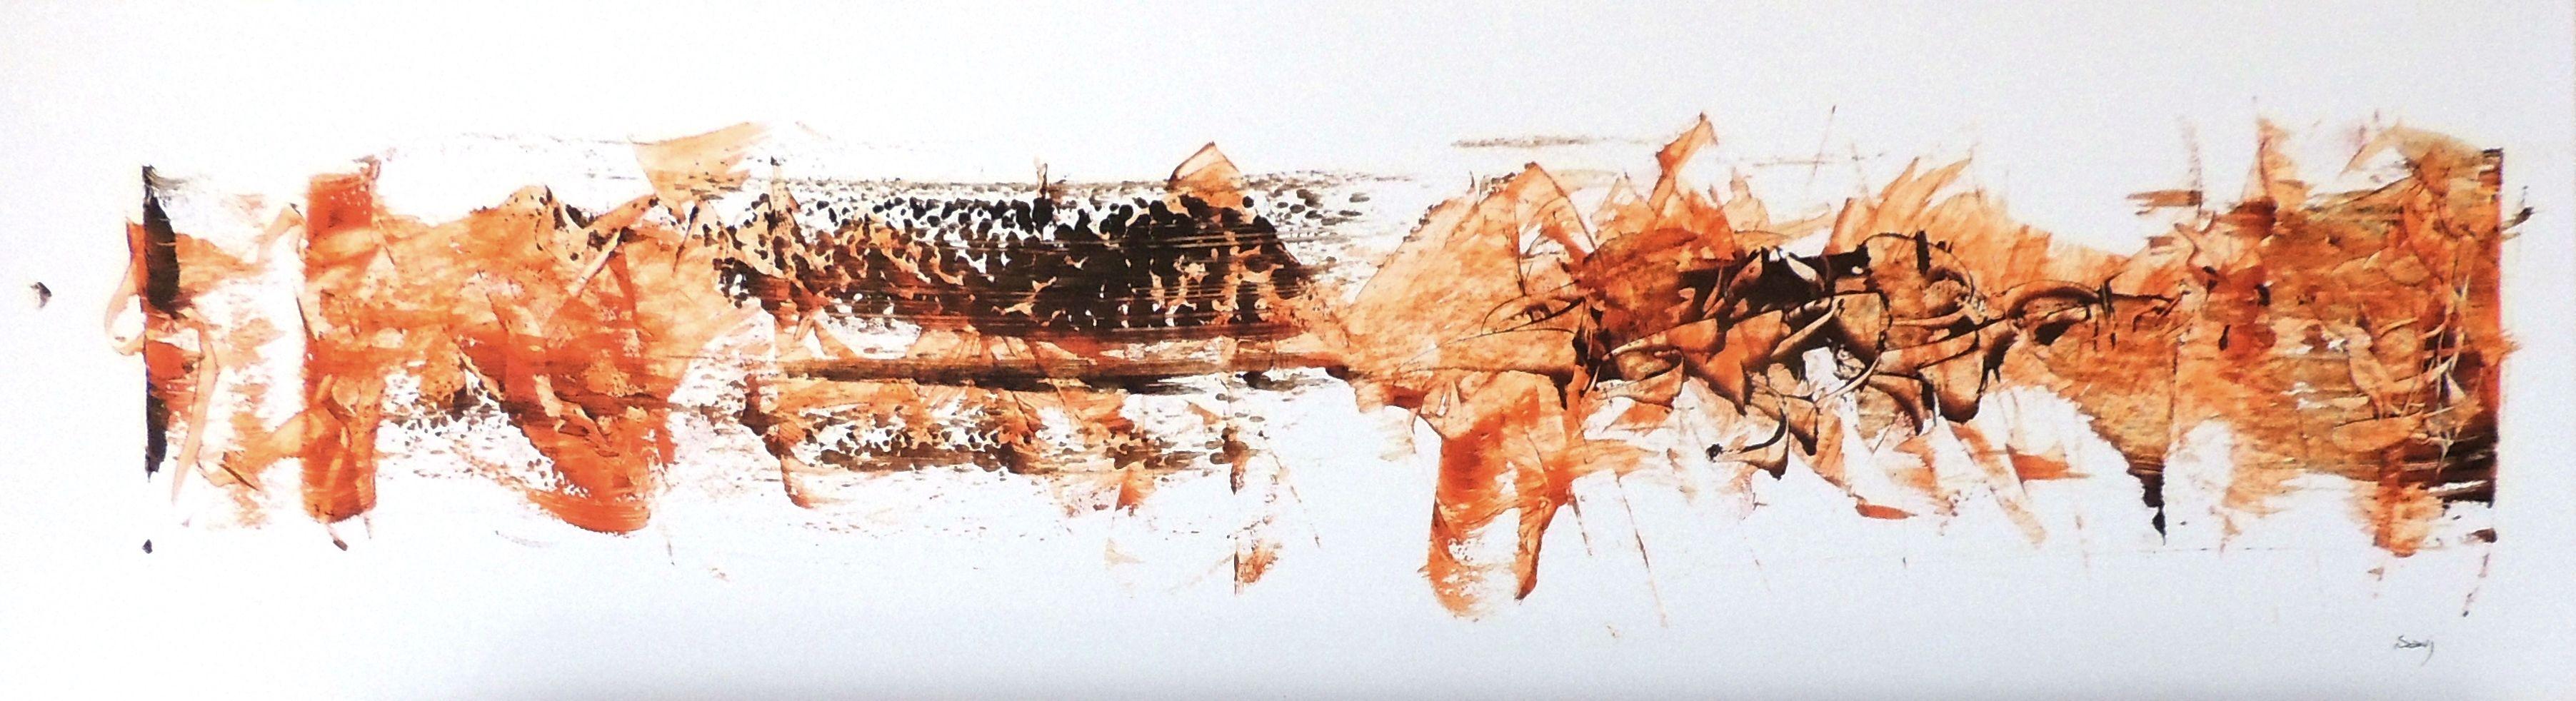 jean claude savi peinture acrylique sur papier 1